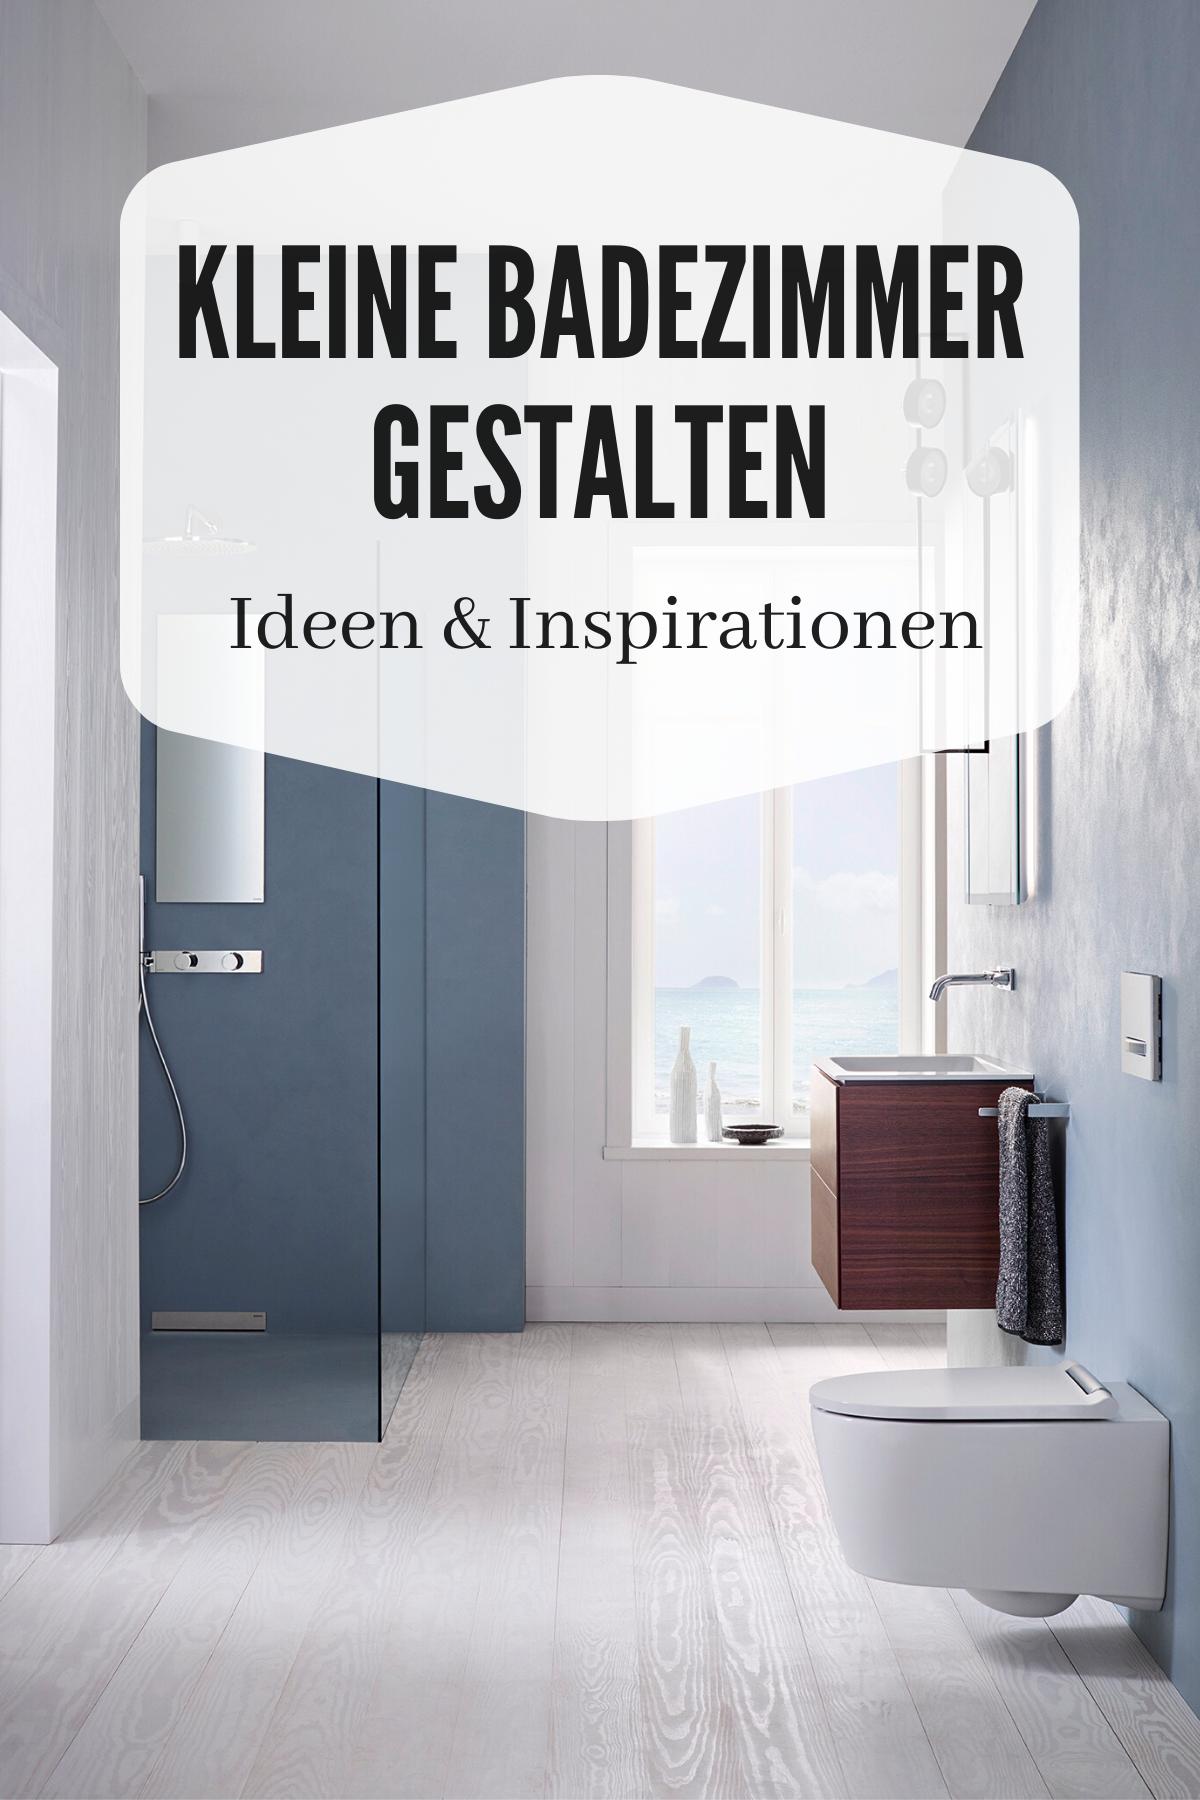 Neues Bad Planen Ideen Und Tipps Fur Kleine Badezimmer Lavendelblog In 2020 Badezimmer Einrichtung Kleine Badezimmer Neues Badezimmer